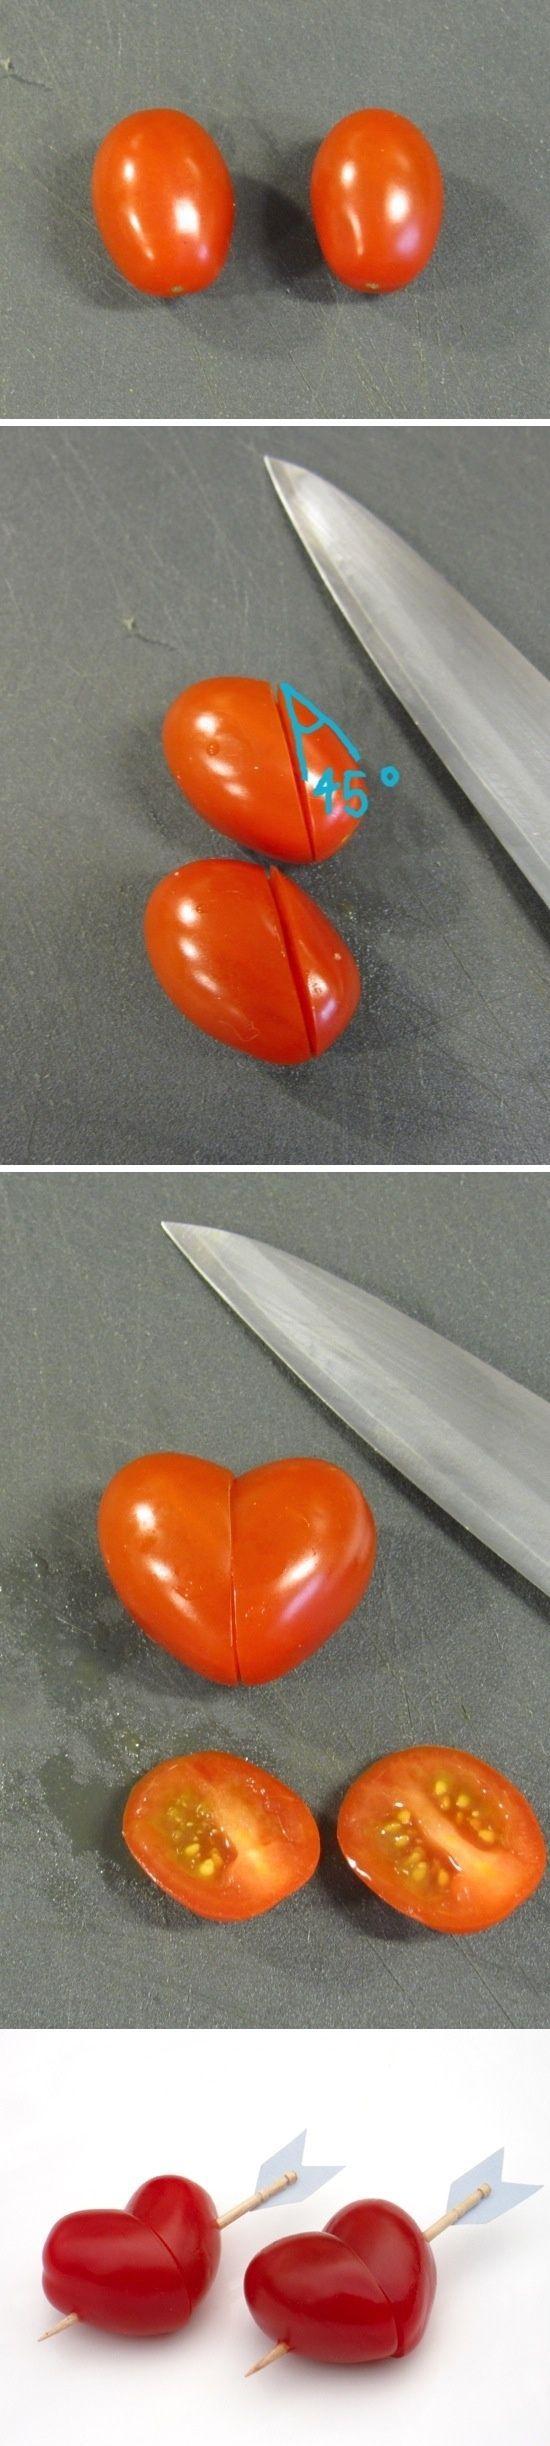 Cherry Tomato Heart's for garnish